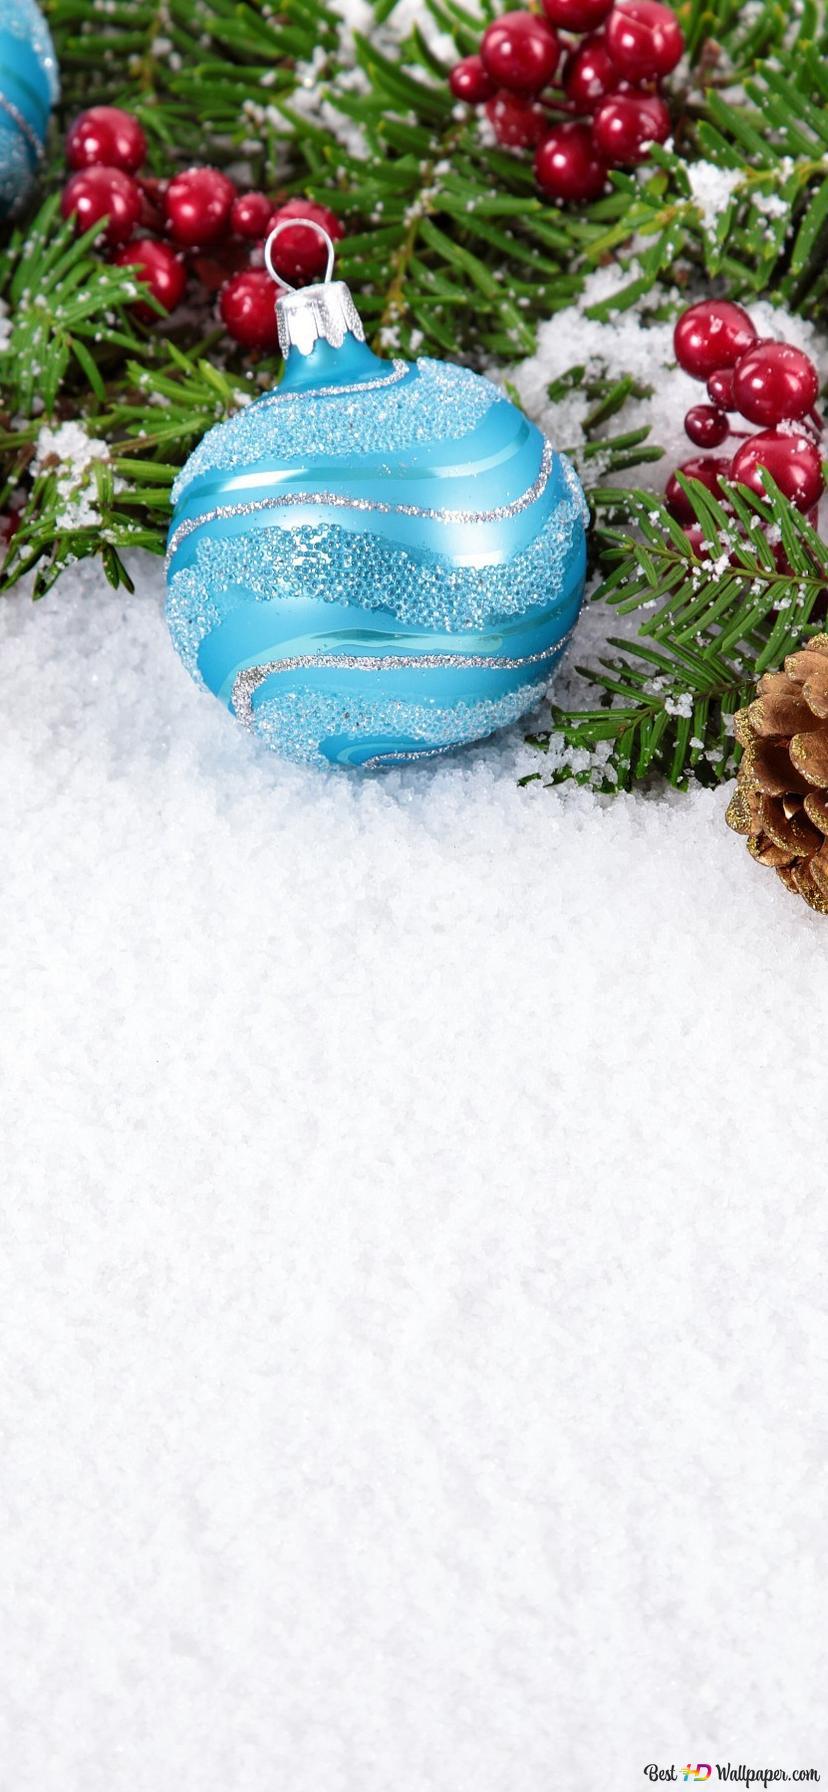 クリスマス 装飾 松毬 Hd壁紙のダウンロード